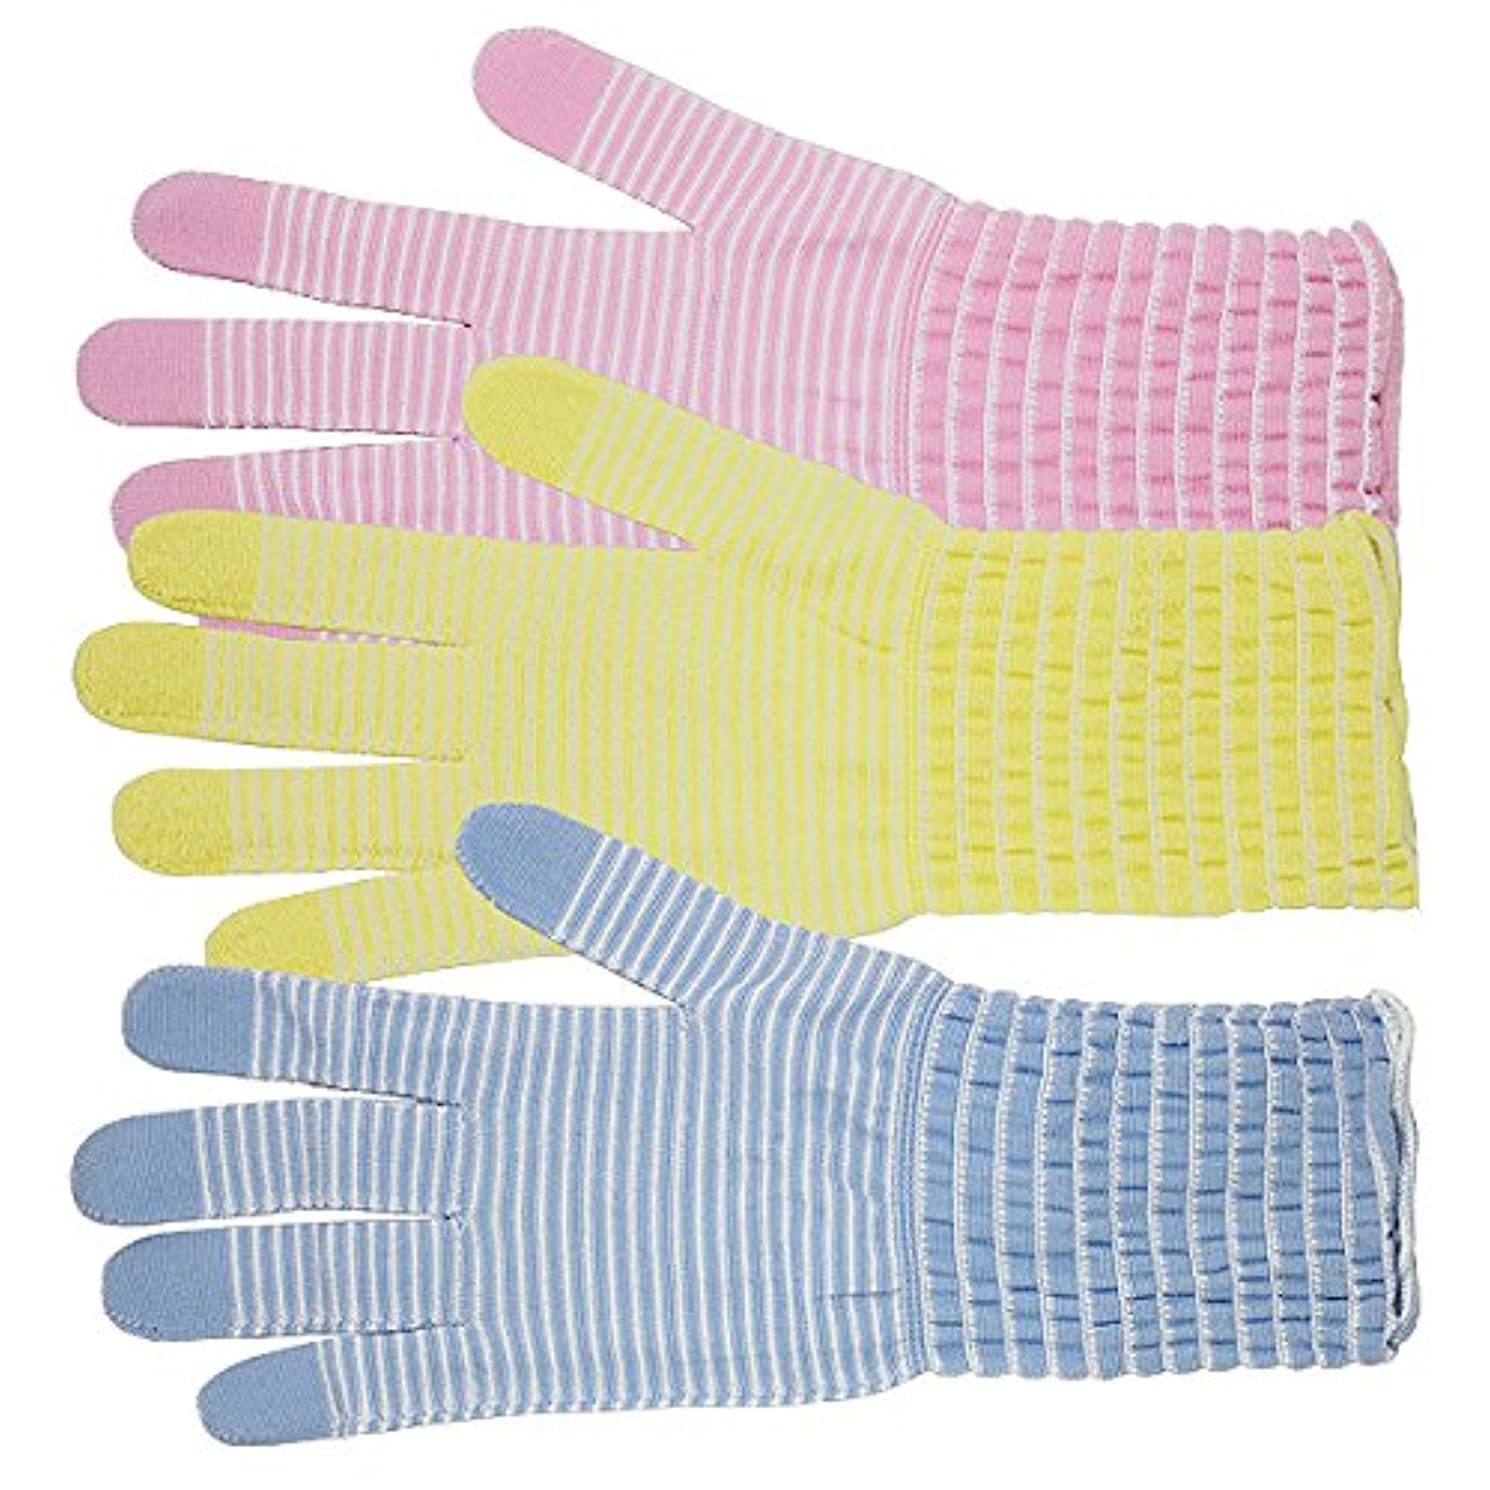 独立こする切断するコラーゲン手袋 モイストコート003 ソーダ